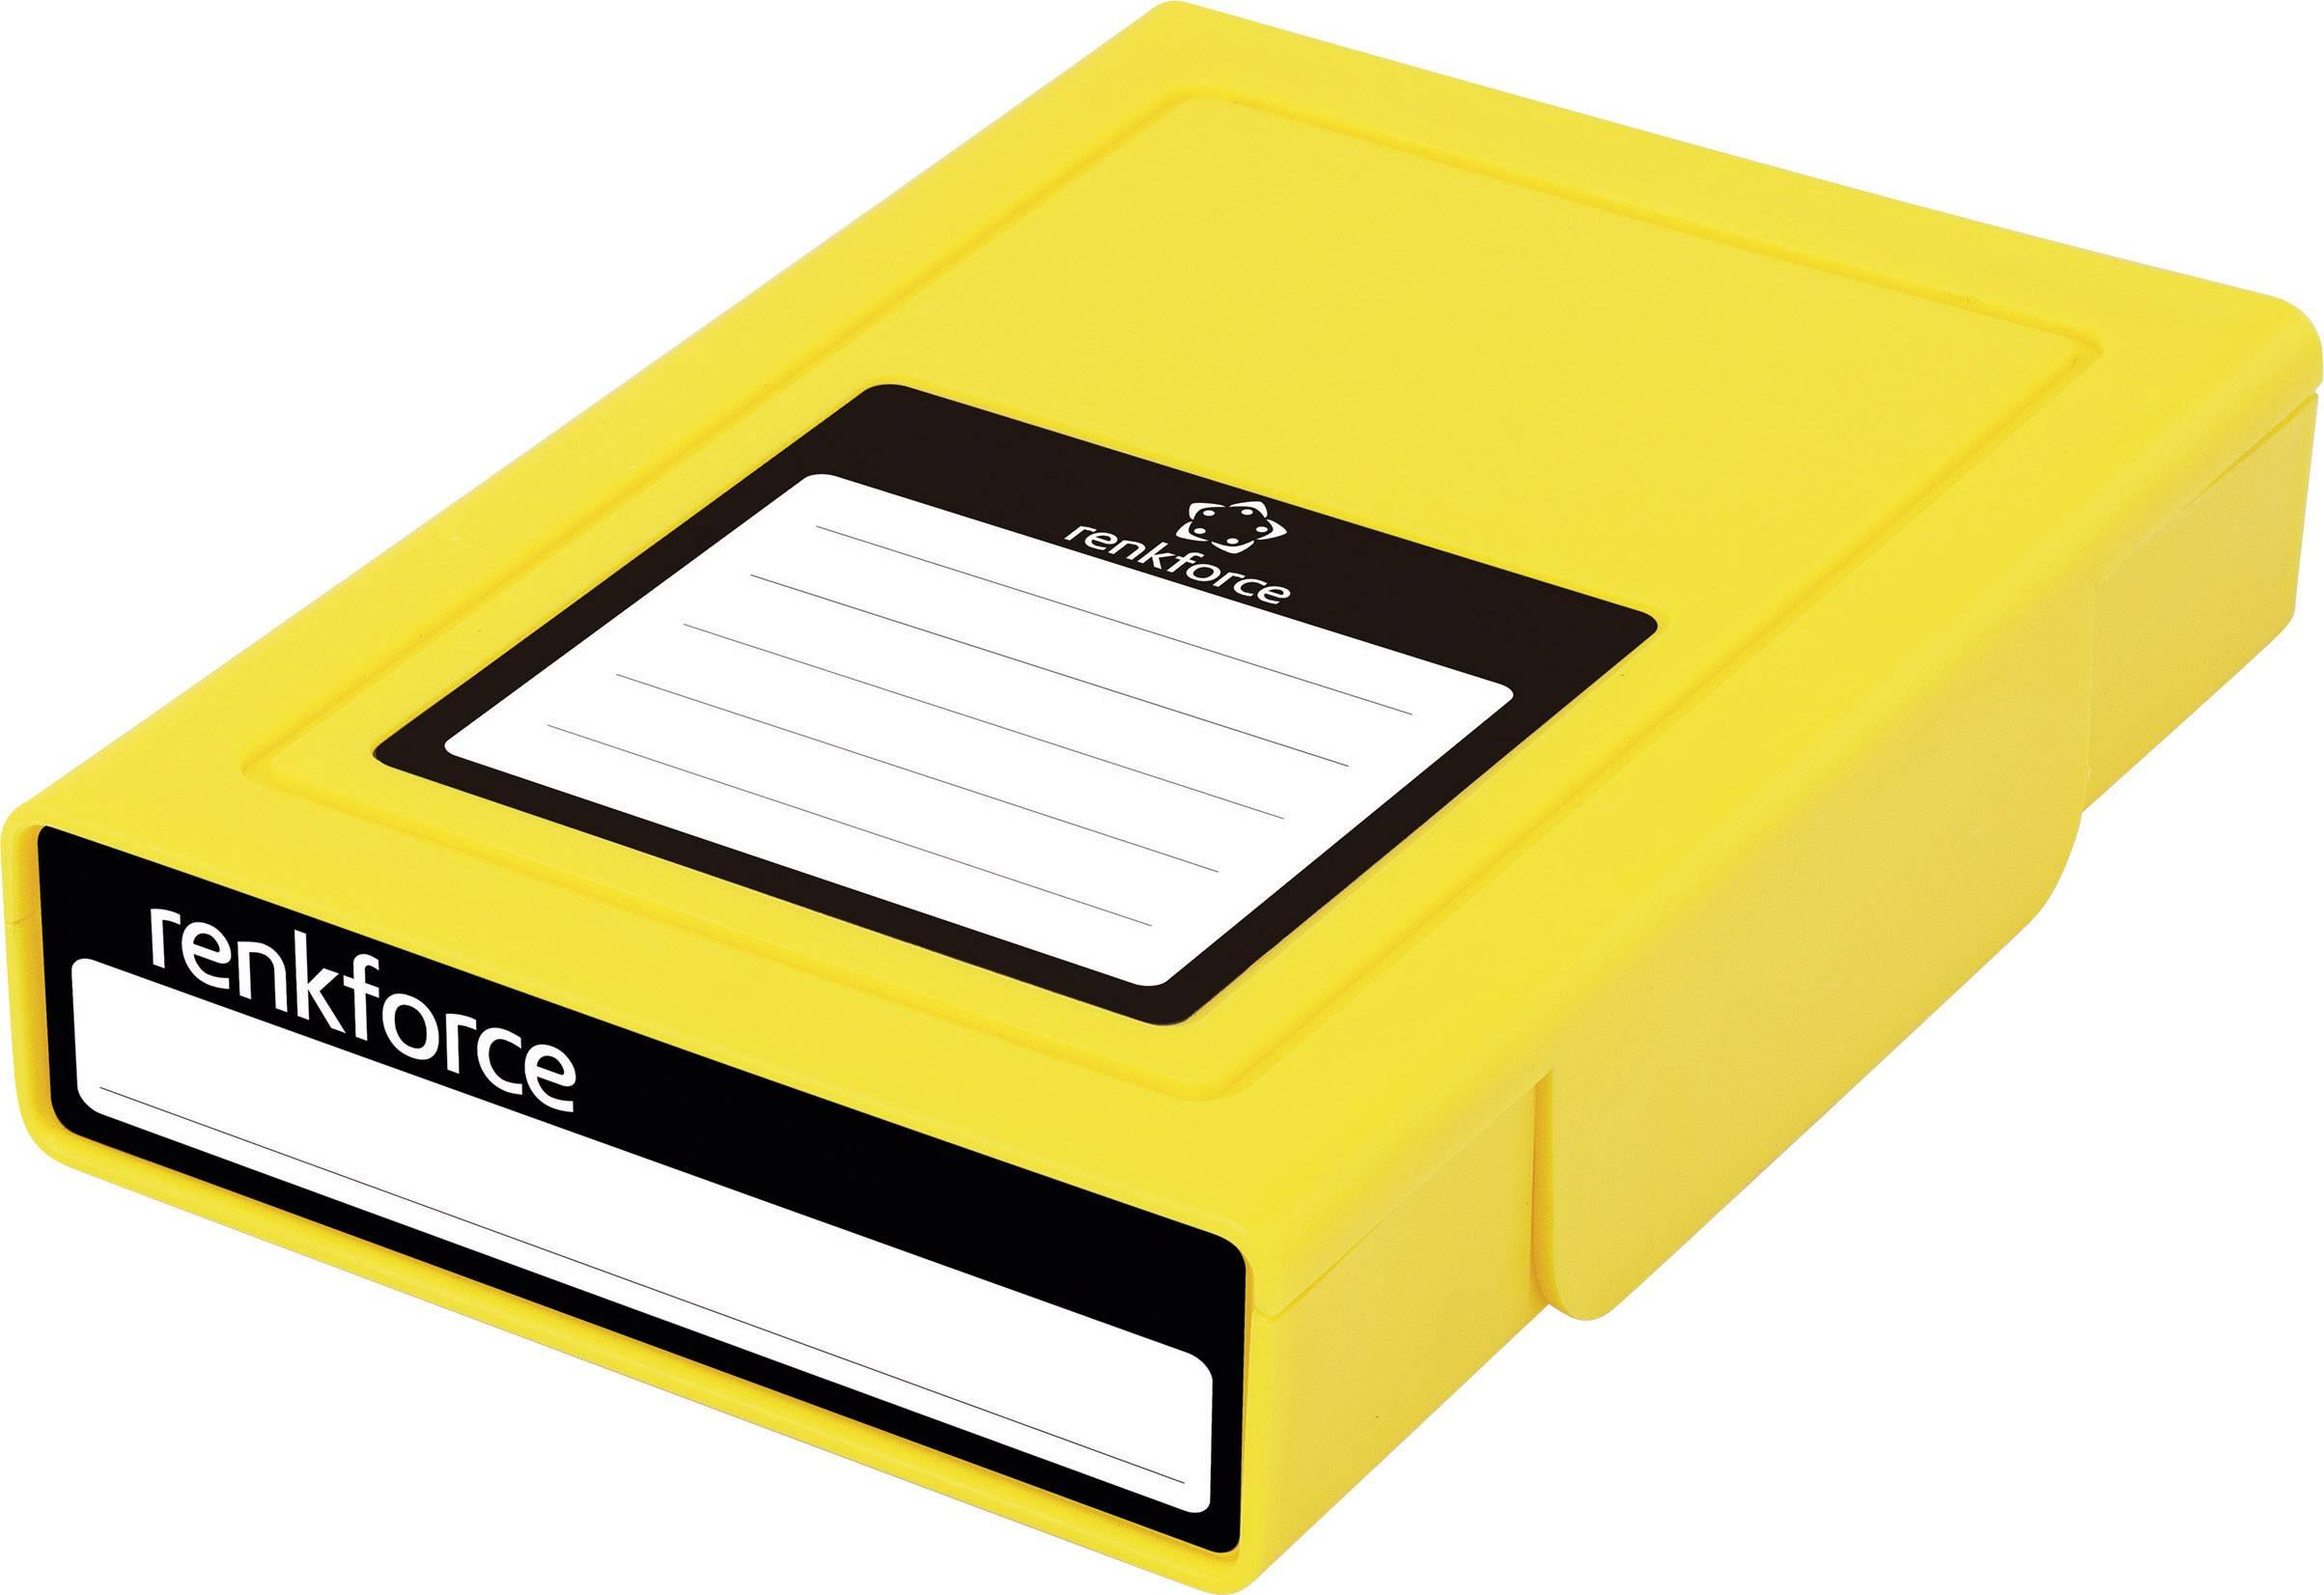 """Pouzdro na pevný disk Renkforce, HY-EB-8500, 3,5"""", žlutá"""